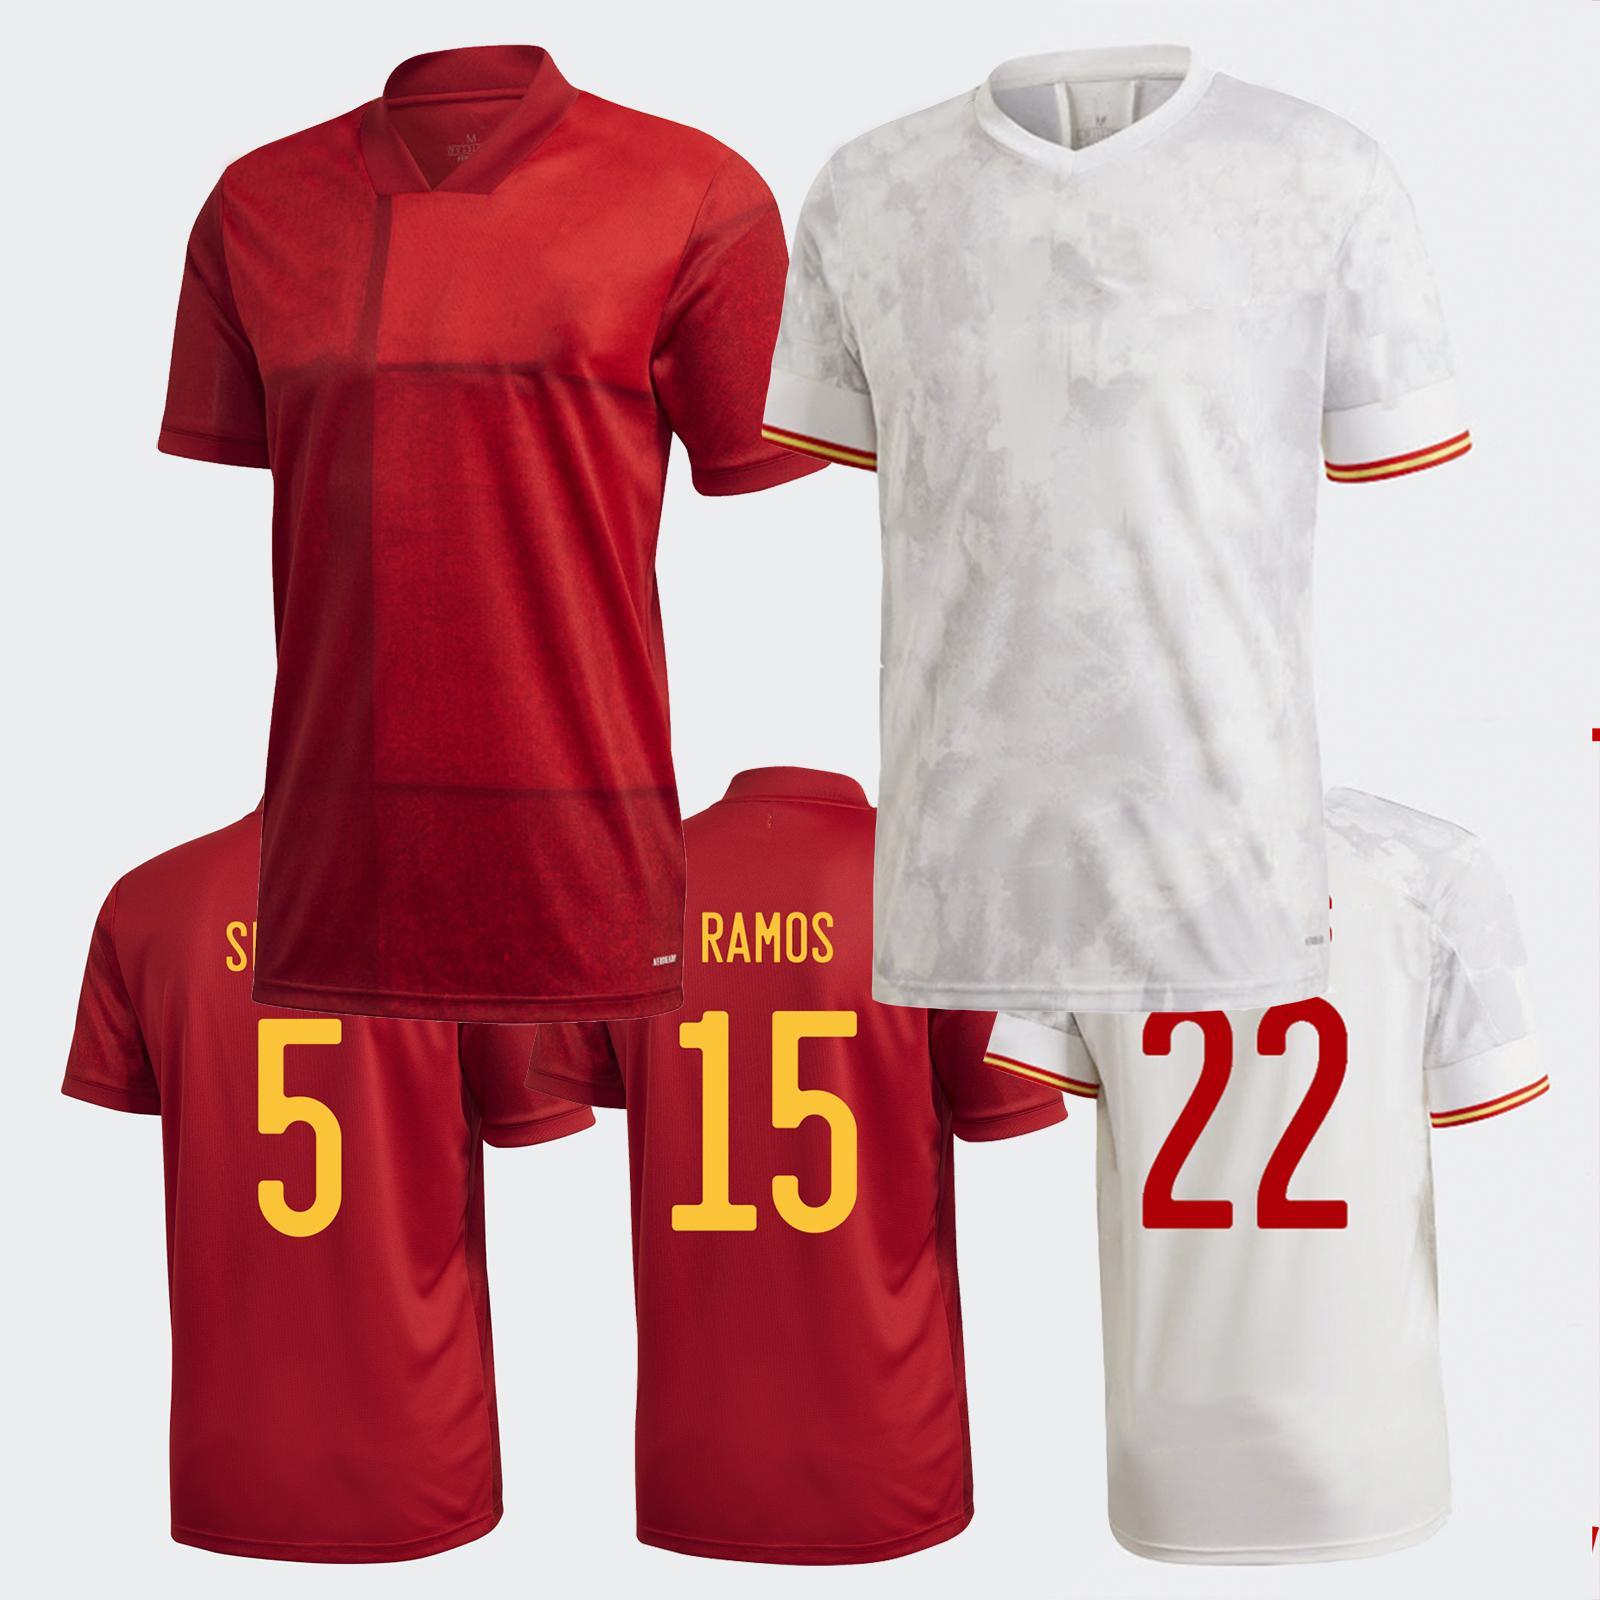 2020-21 сезон España футбол футбол домой и выездные фанаты Ramos Isco фанаты высококачественные майки (выберите Flocking)